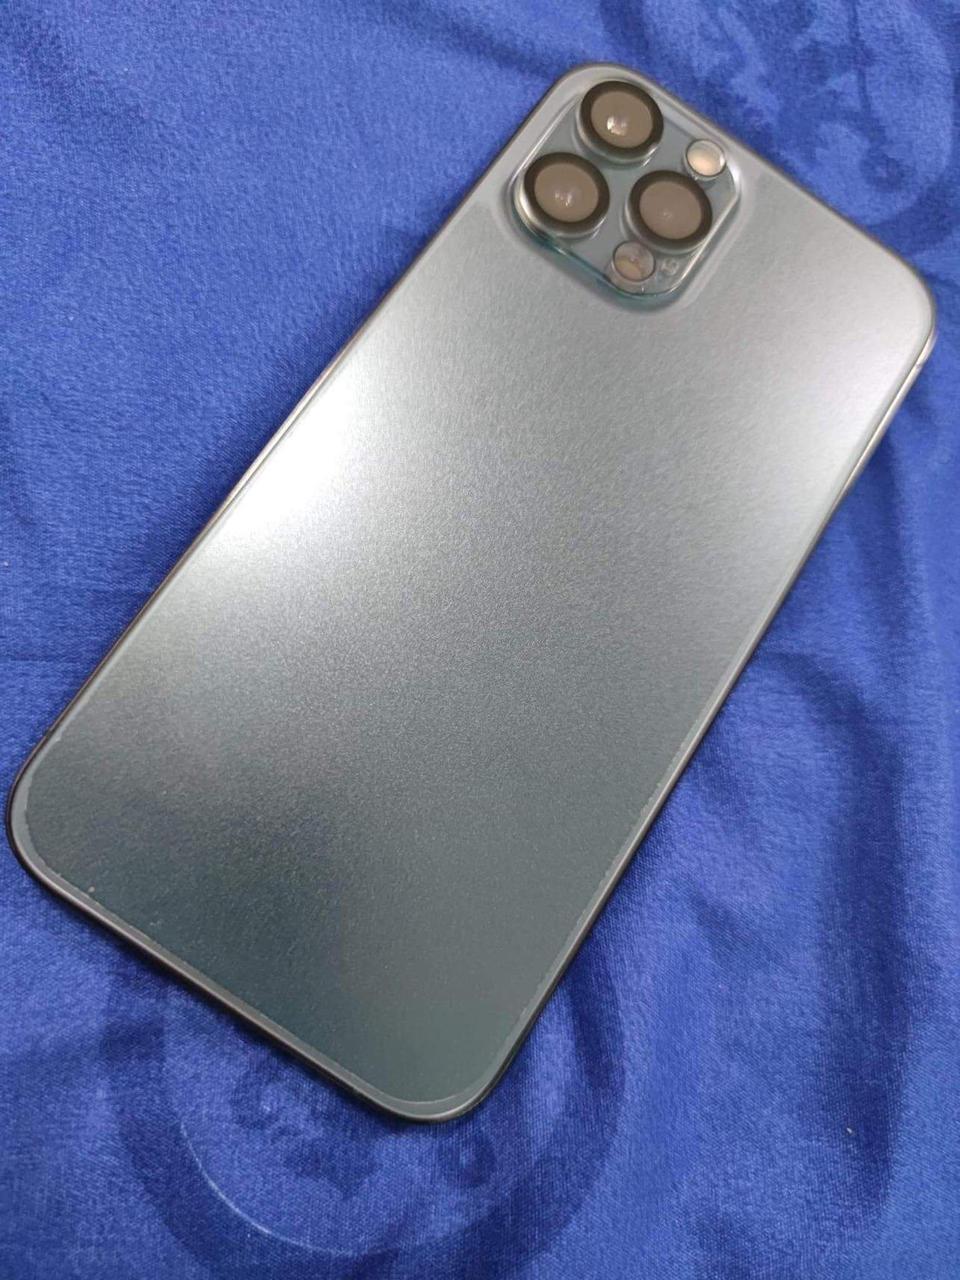 Iphone 12 pro max รูปที่ 3